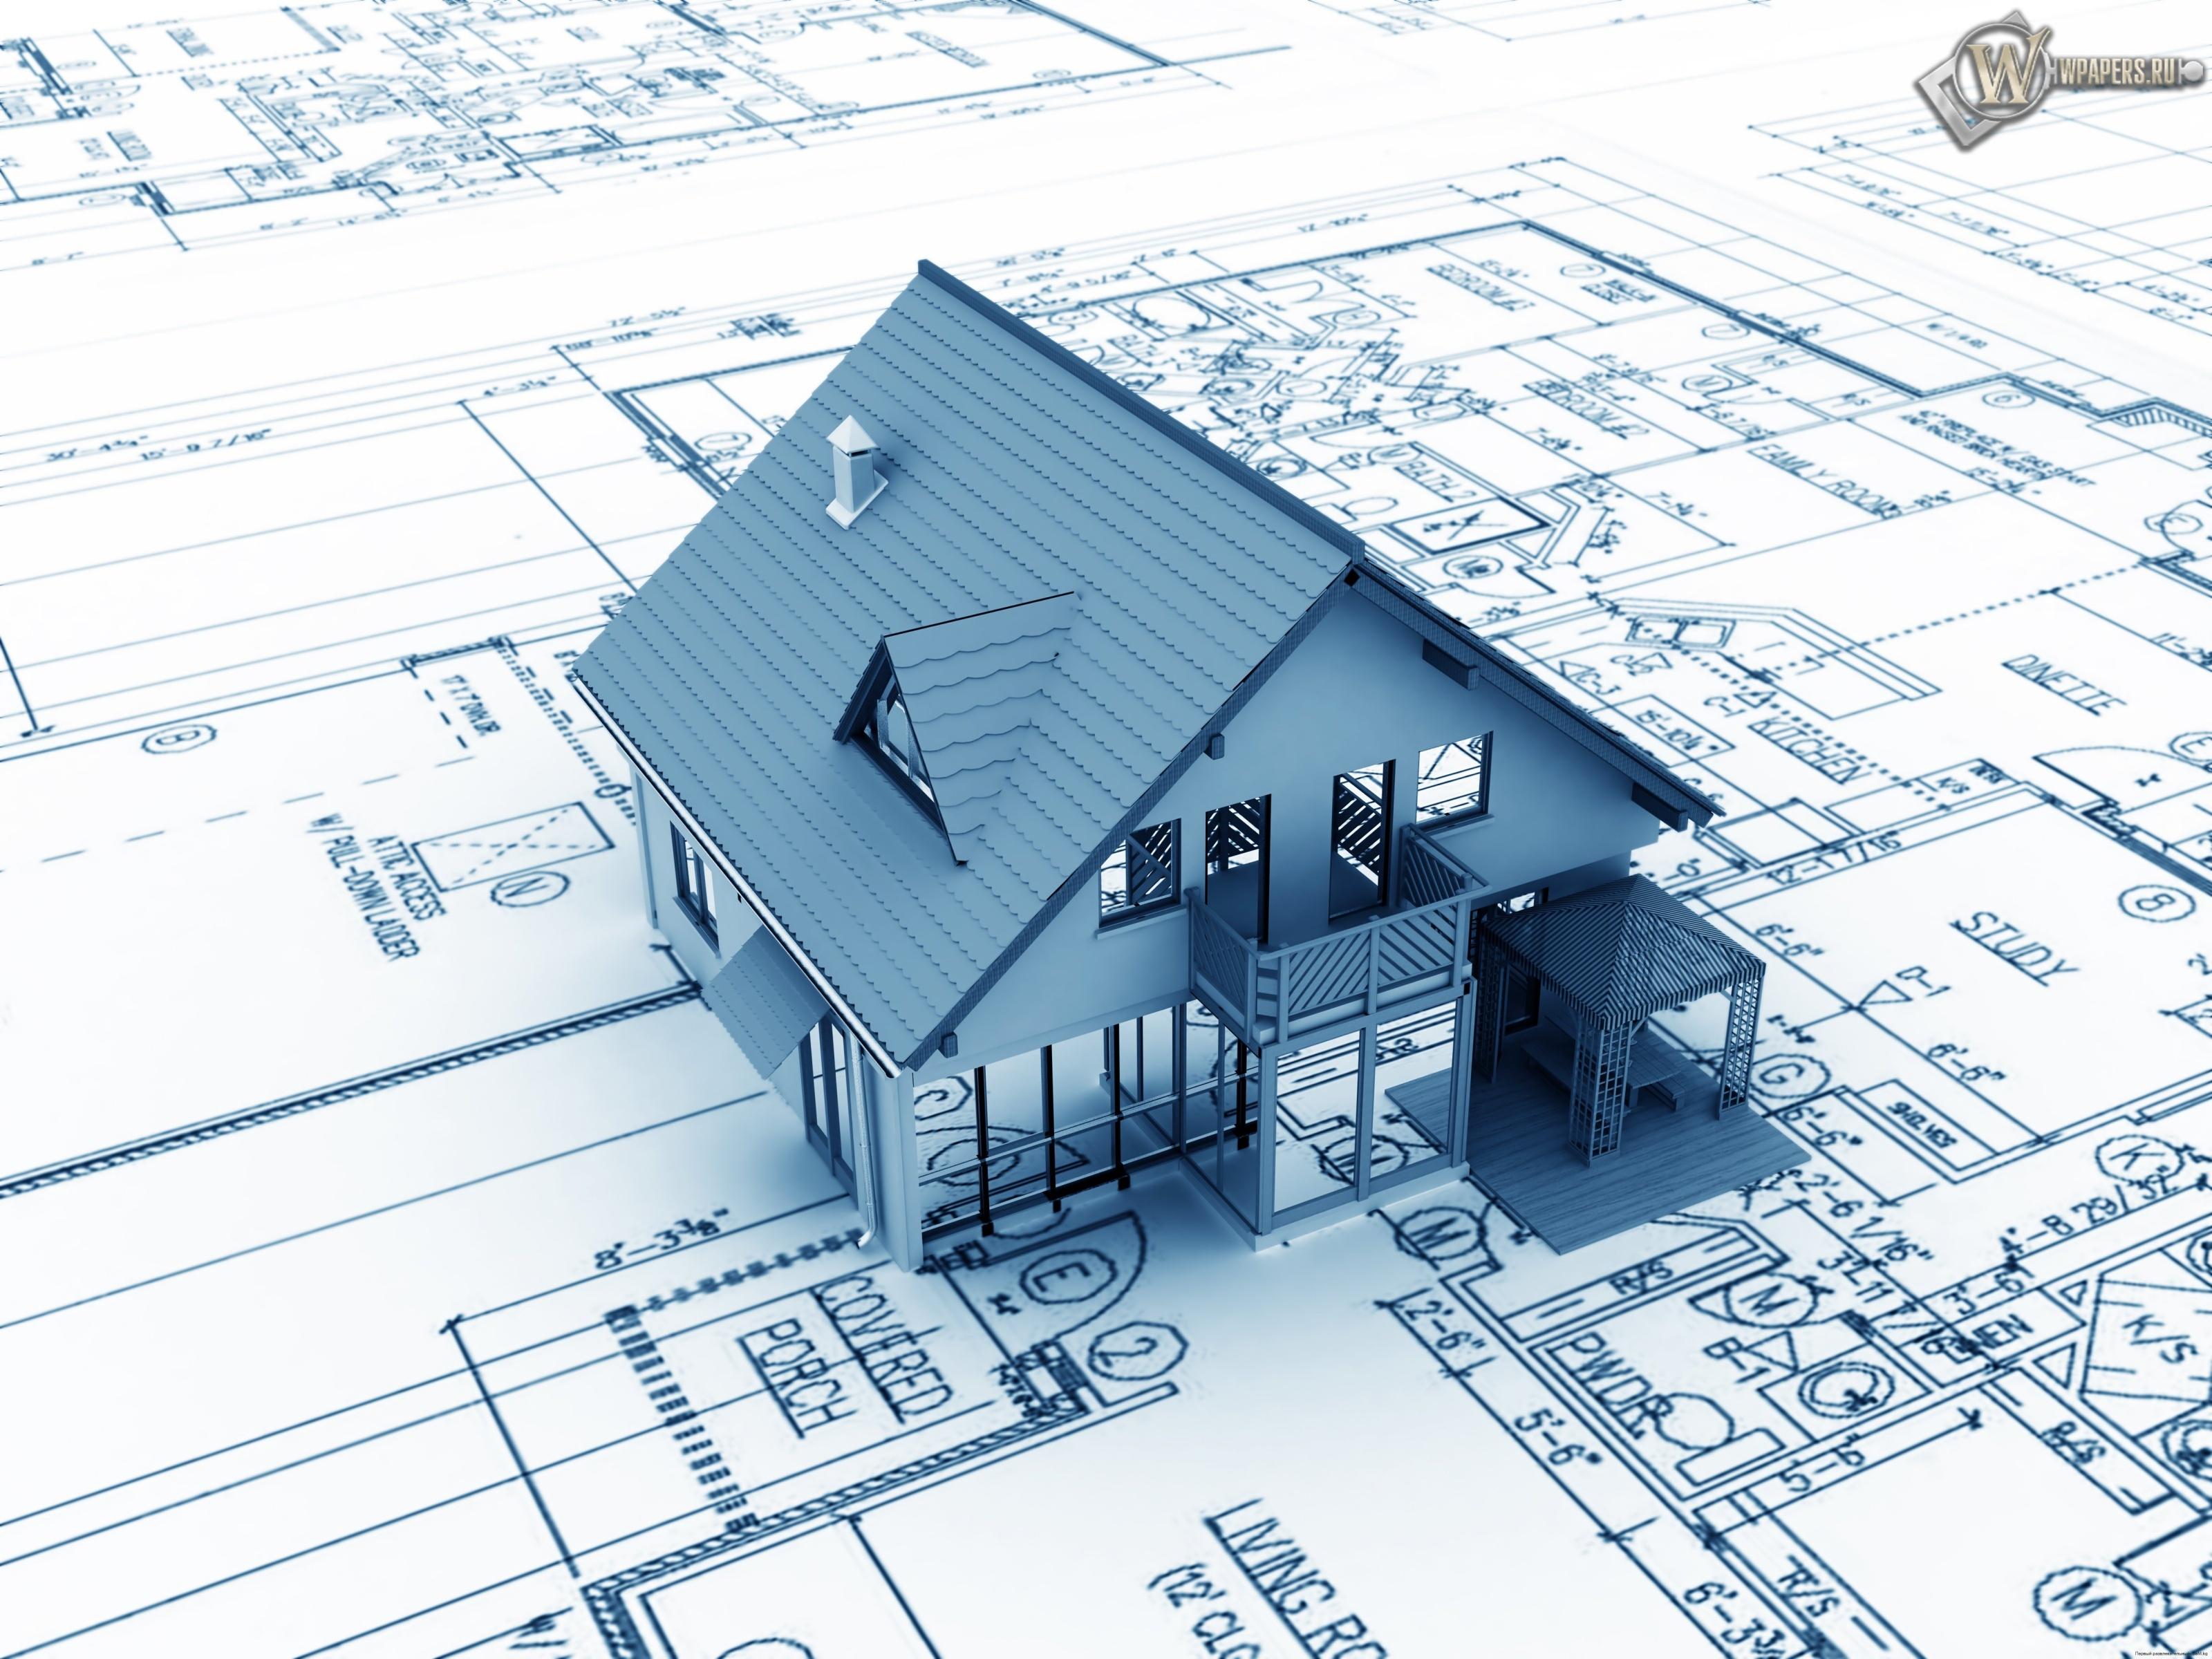 Проект дома 3200x2400